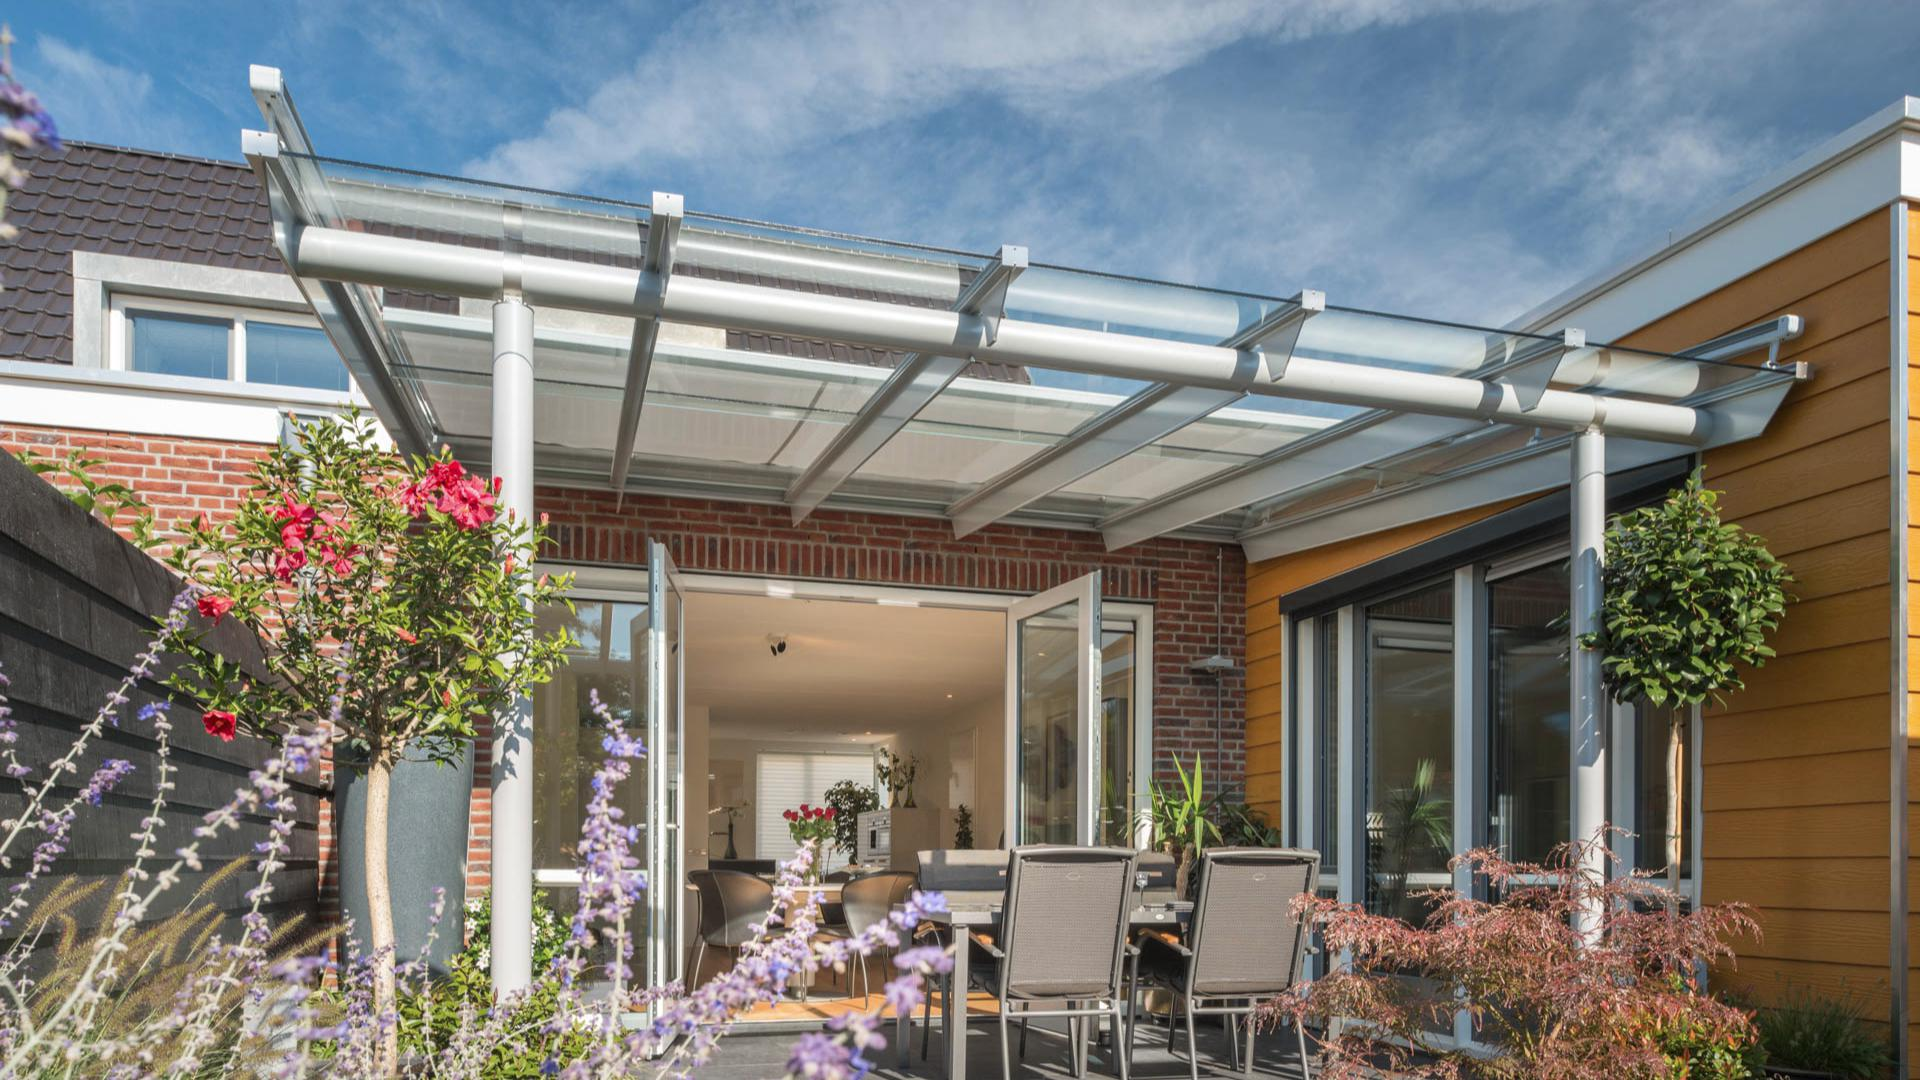 weißes Solarlux Terrassendach in einem Reihenhaus mit Blumen und Gartentisch